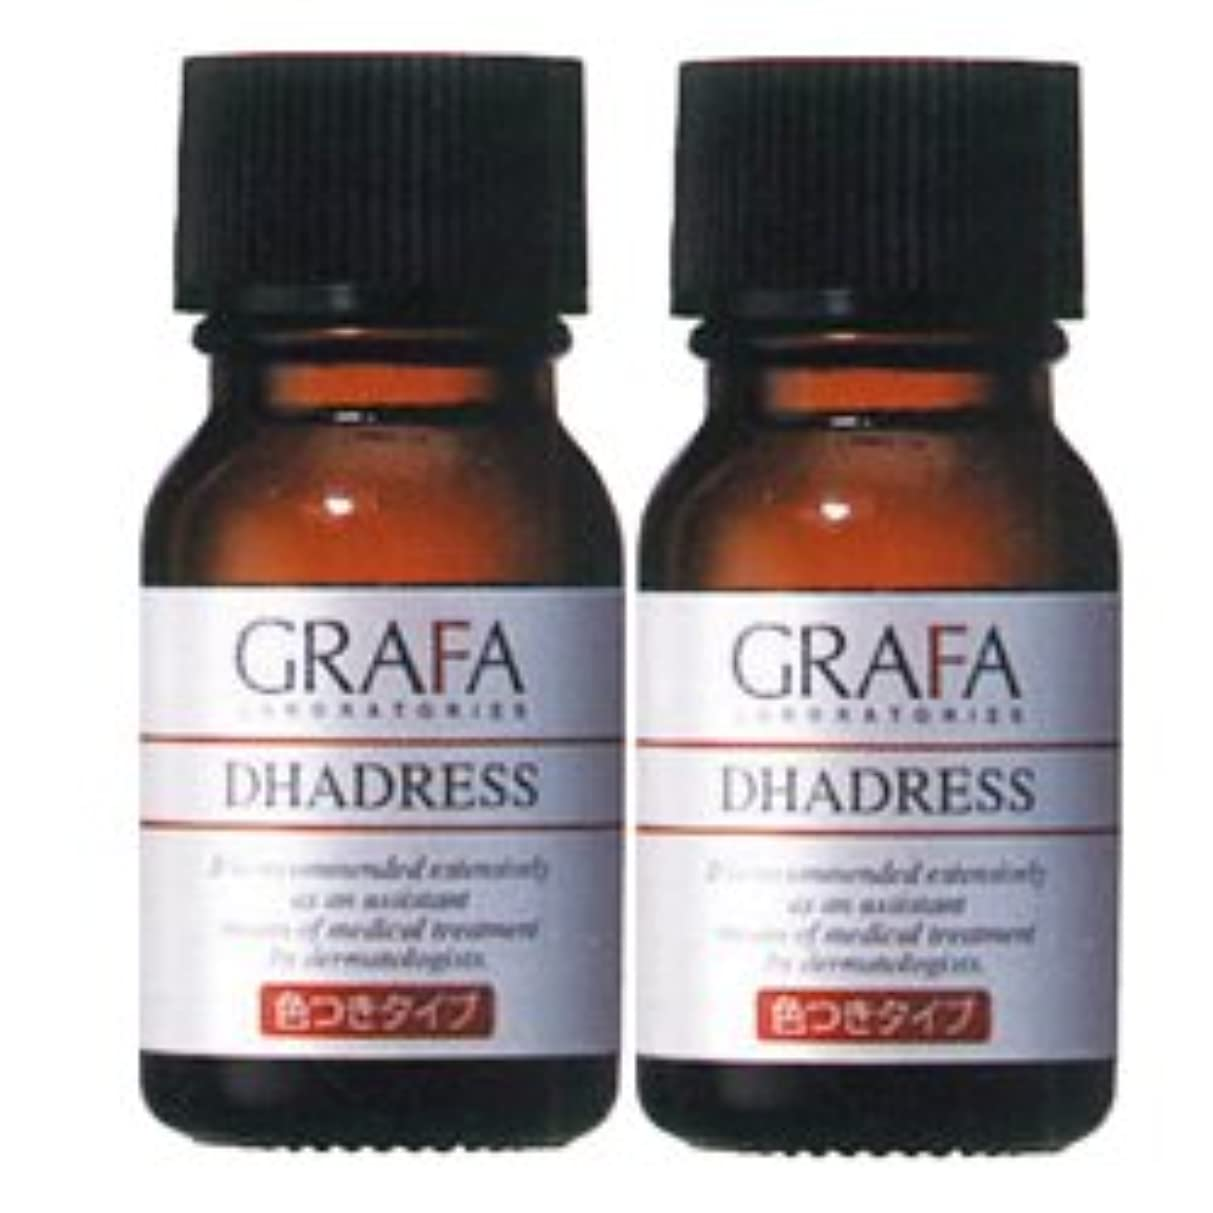 なぞらえるゴミ助けてグラファ ダドレスC (色つきタイプ) 11mL×2本 着色用化粧水 GRAFA DHADRESS